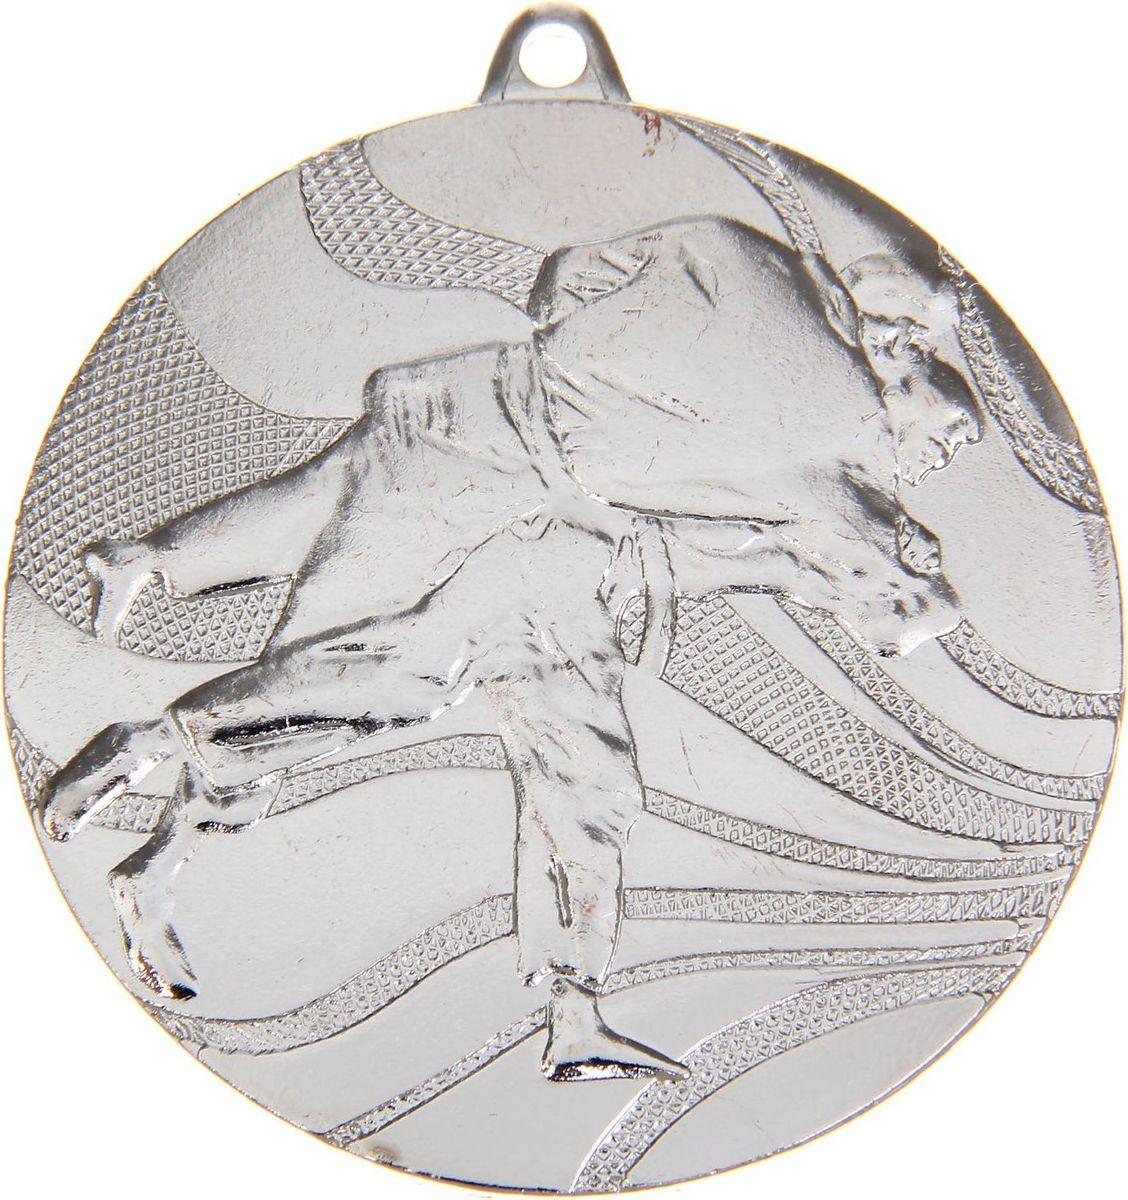 Медаль сувенирная Карате, цвет: серебристый, диаметр 5 см. 0411108674Заслуженный приз! Долгие изнурительные тренировки, напряжение перед соревнованием… Наконец ты вышел и показал всё, на что способен. И вот она — победа! — награда для настоящего чемпиона. Пусть каждый видит, кому именно сегодня покорился пьедестал. Блестящая награда на груди станет лучшим ответом скептикам и всегда будет напоминать, что упорный труд непременно вознаграждается. Наступит завтрашний день, и своё лидерство нужно будет доказывать заново. Ну а пока победитель сможет наслаждаться триумфом, глядя на эту медаль.Характеристики: Диаметр медали: 5 см Диаметр вкладыша (оборот): 4,5 см. Сверху расположено отверстие для крепления ленты.